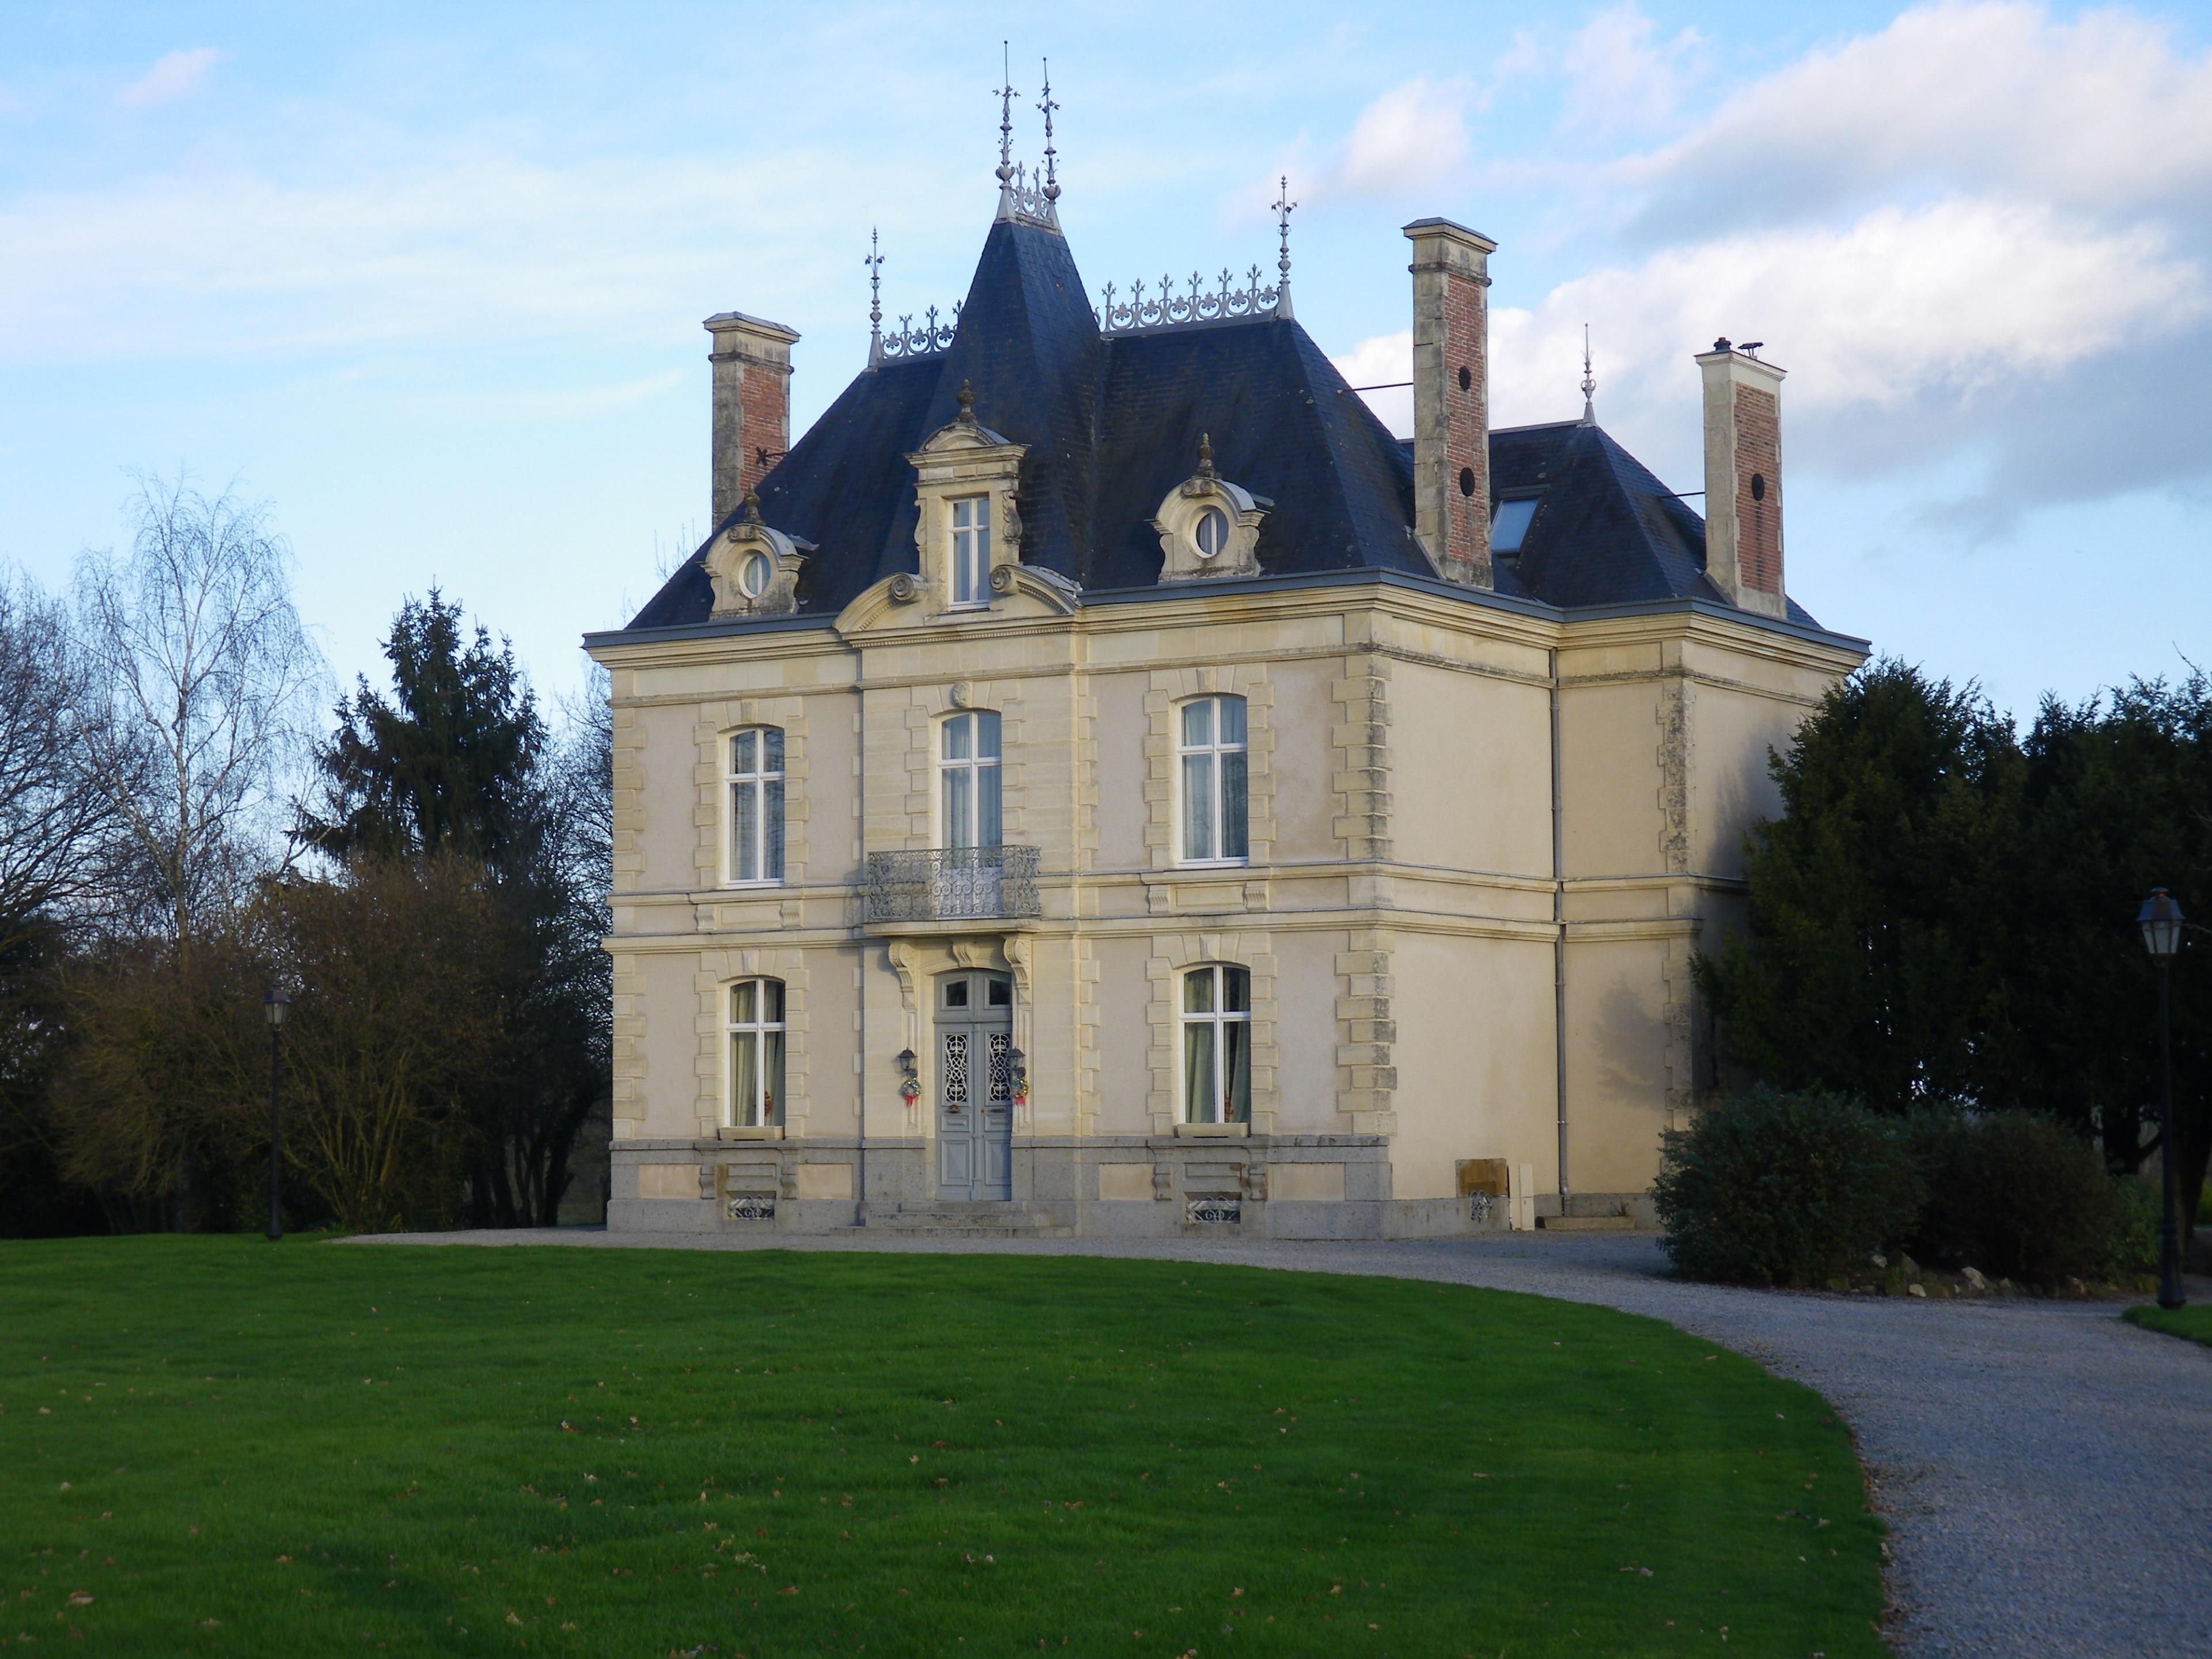 Pays de Craon, Mayenne, France